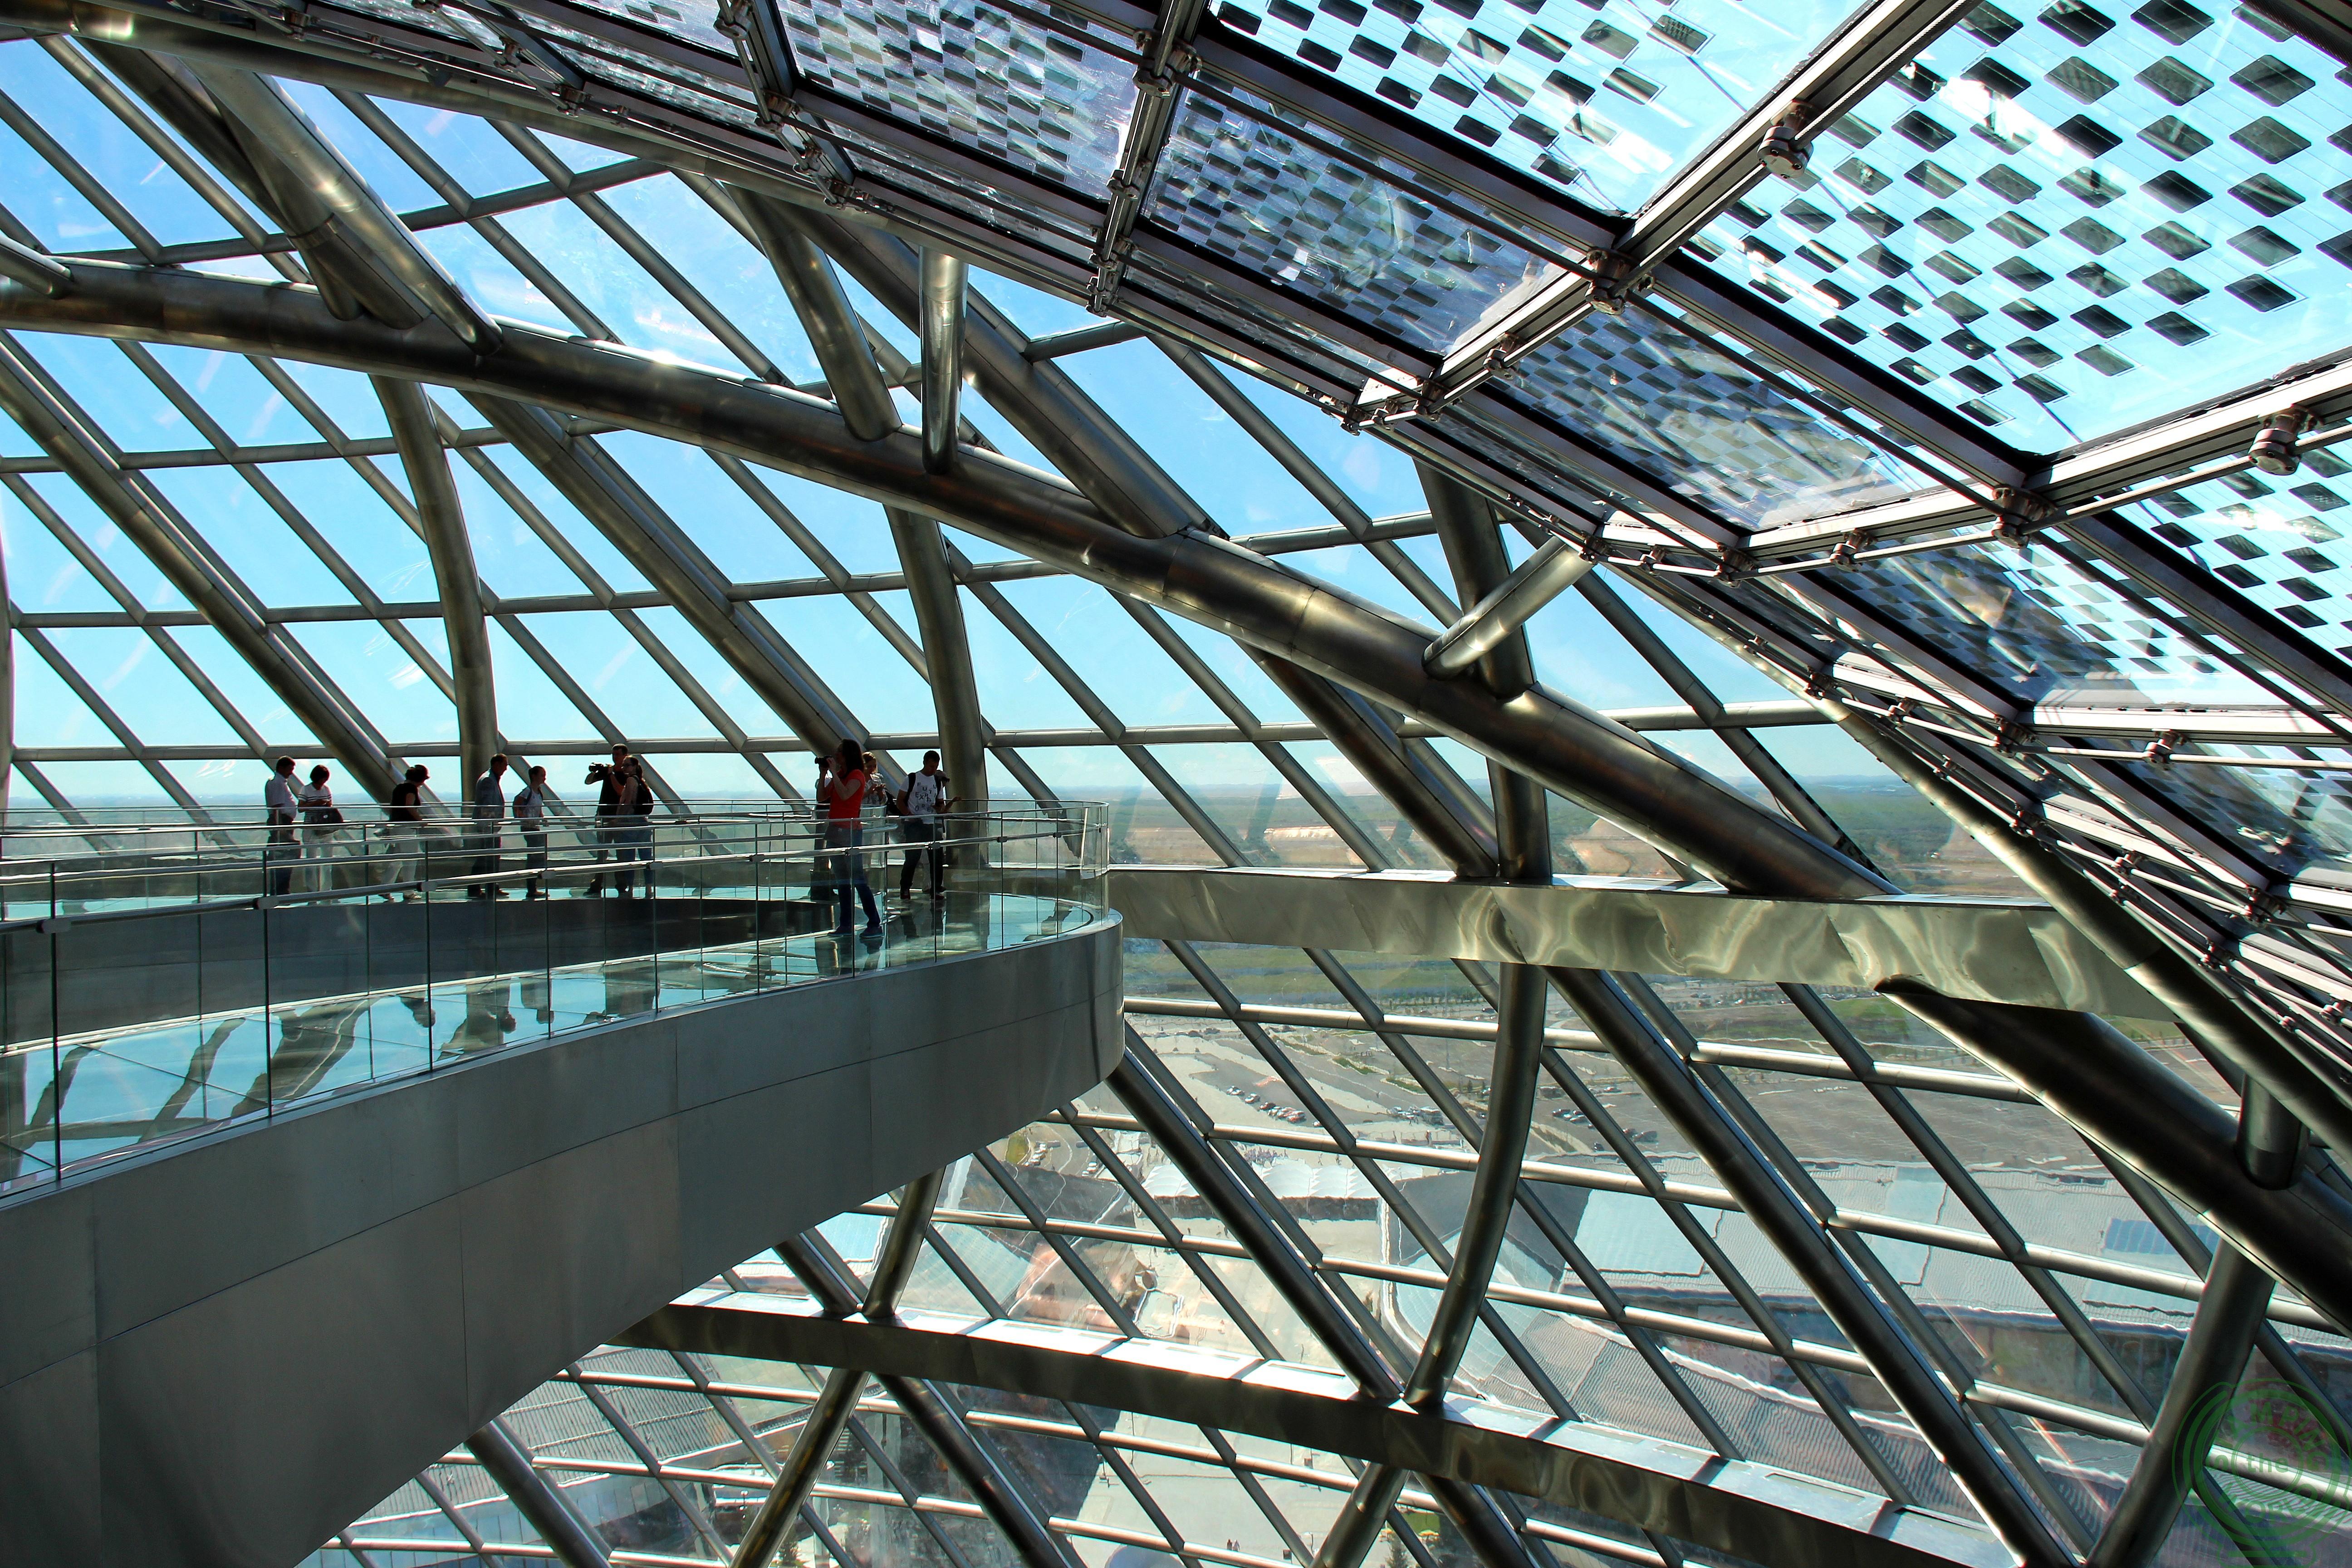 Interno del padiglione Nur Alem - Expo 2017 Astana